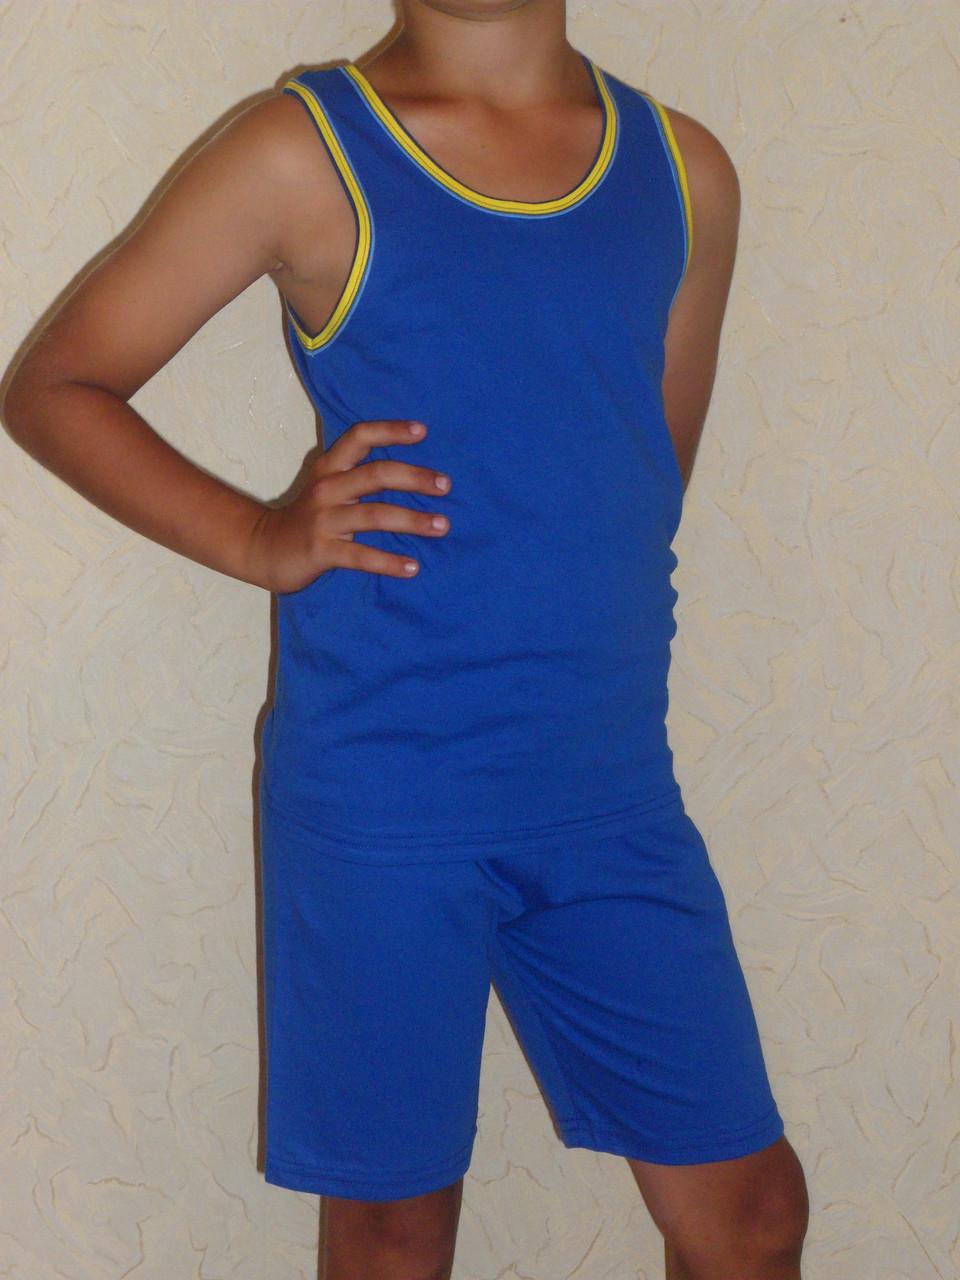 Майка детская спортивная голубая с желтой окантовкой